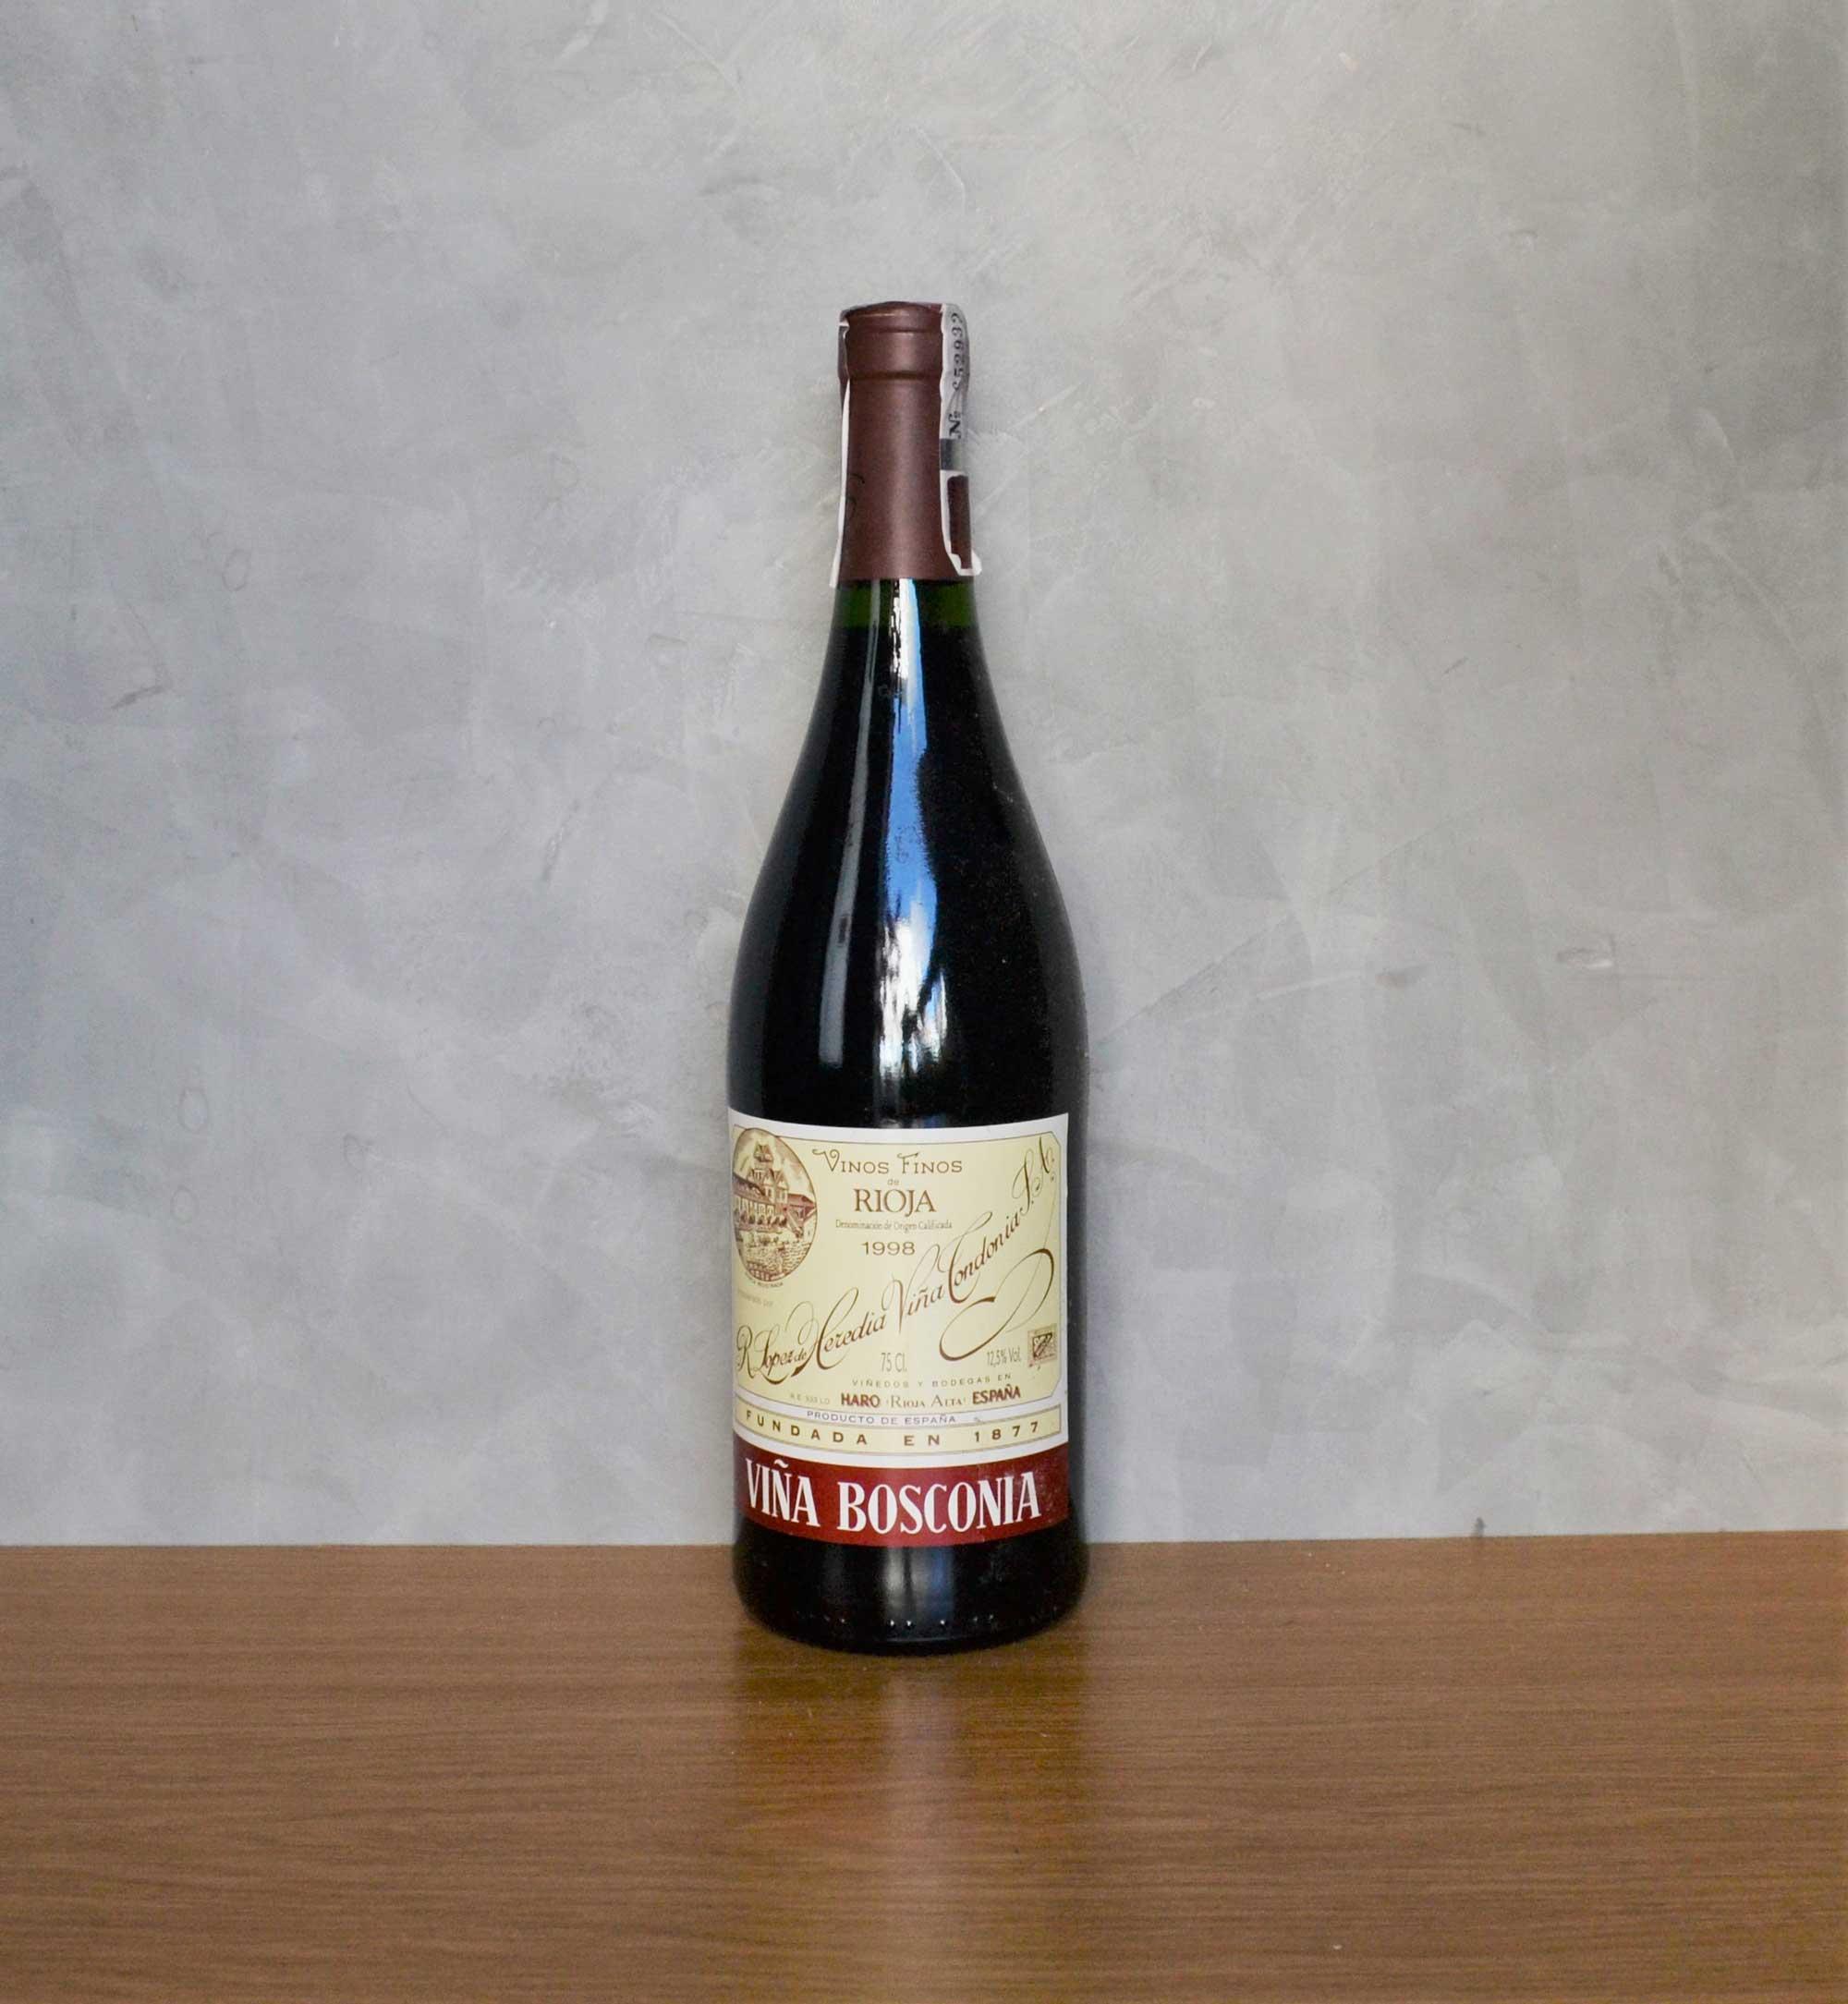 Viña-Bosconia-Bodegas-Lopez-Heredia-Denominación-de-Origen-Rioja